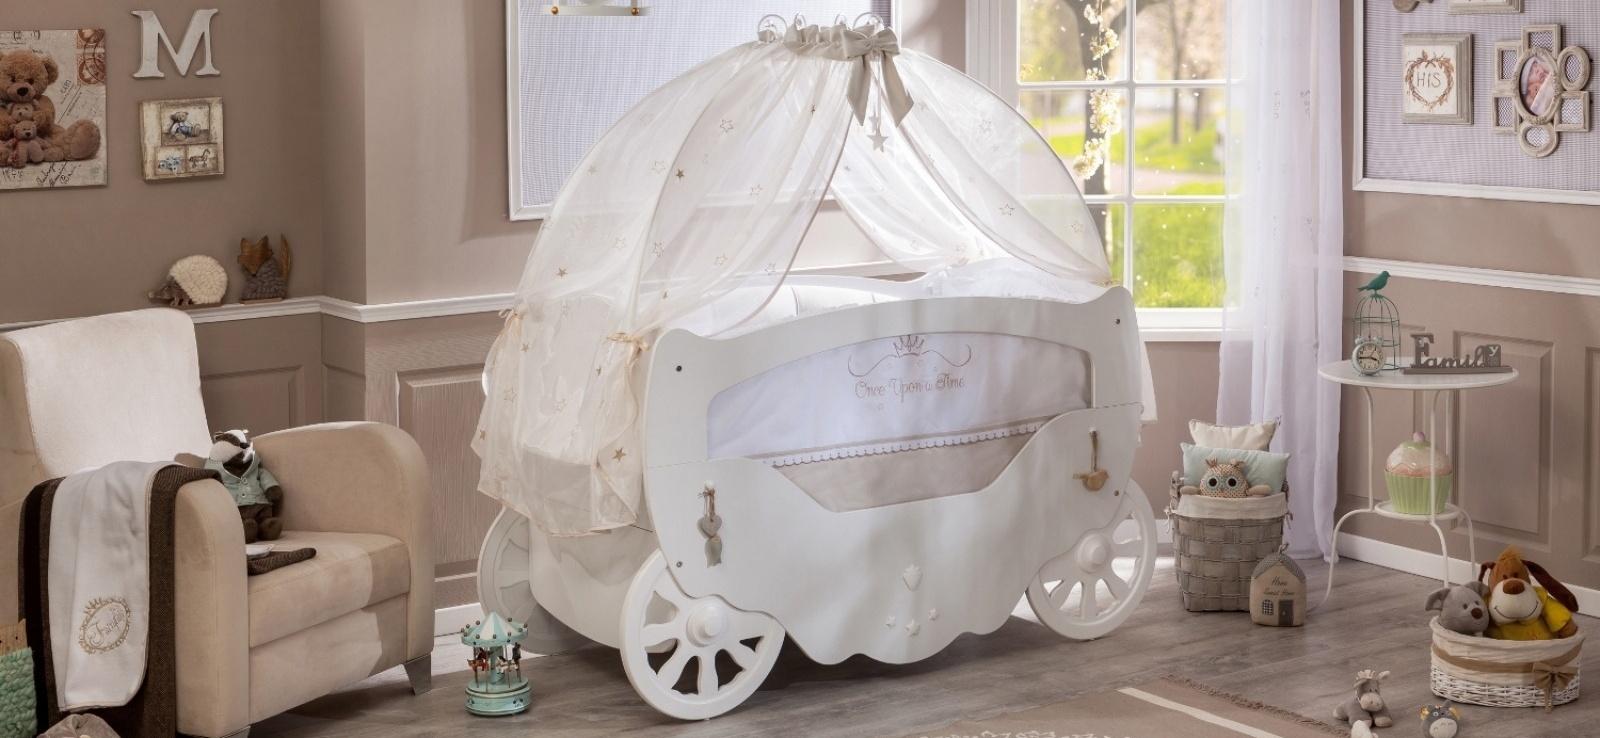 Babyfairy Kutschenbetten Günstig Online Traum Möbelcom